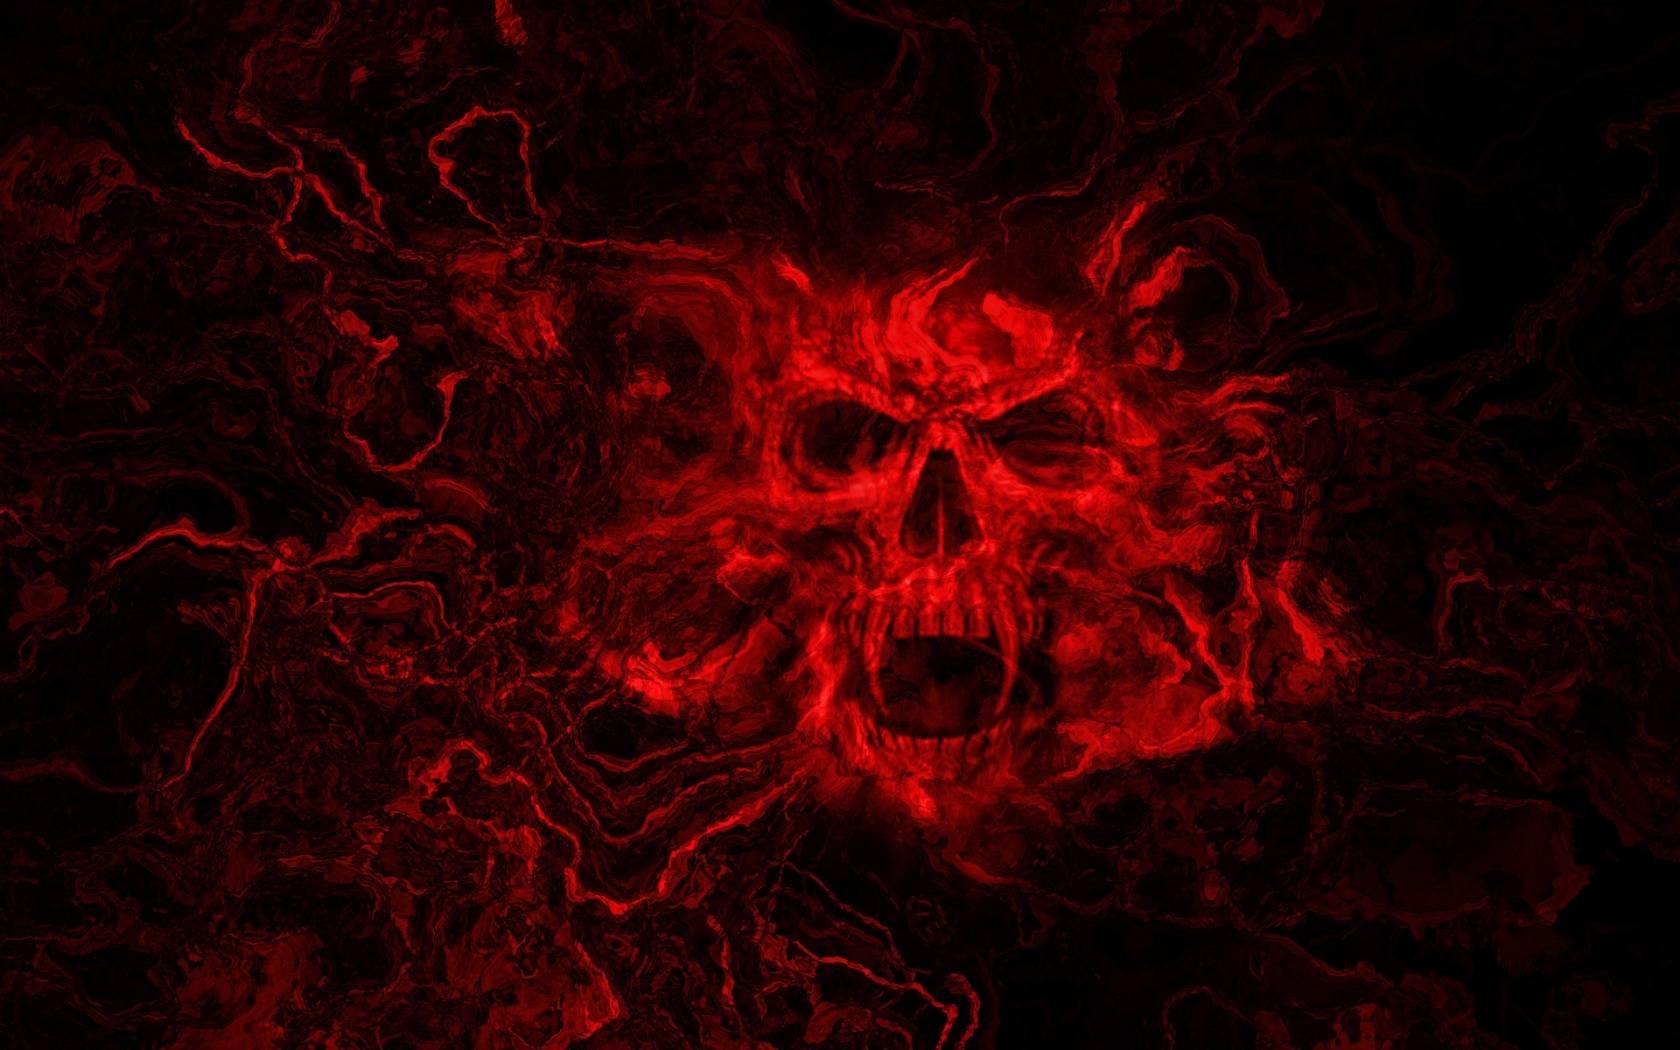 Horror Wallpaper - Dark Red Skull Background - HD Wallpaper